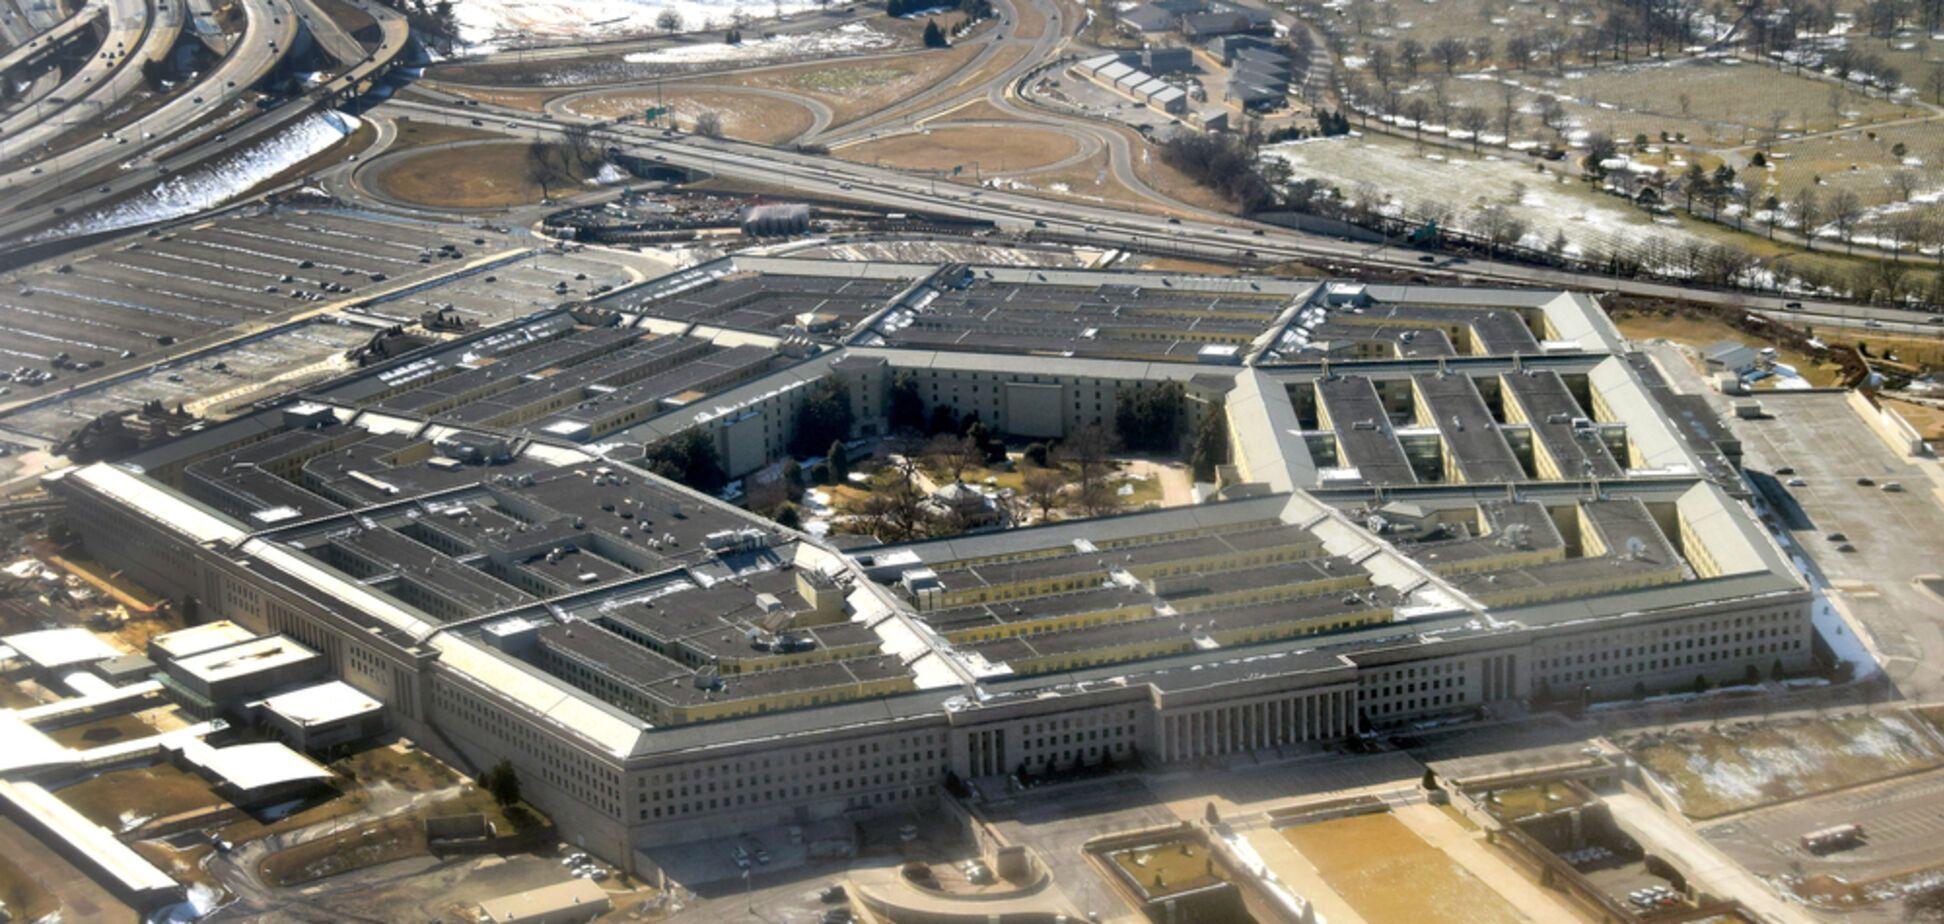 Оцінювати заяви РФ про відведення військ від України зарано – Пентагон